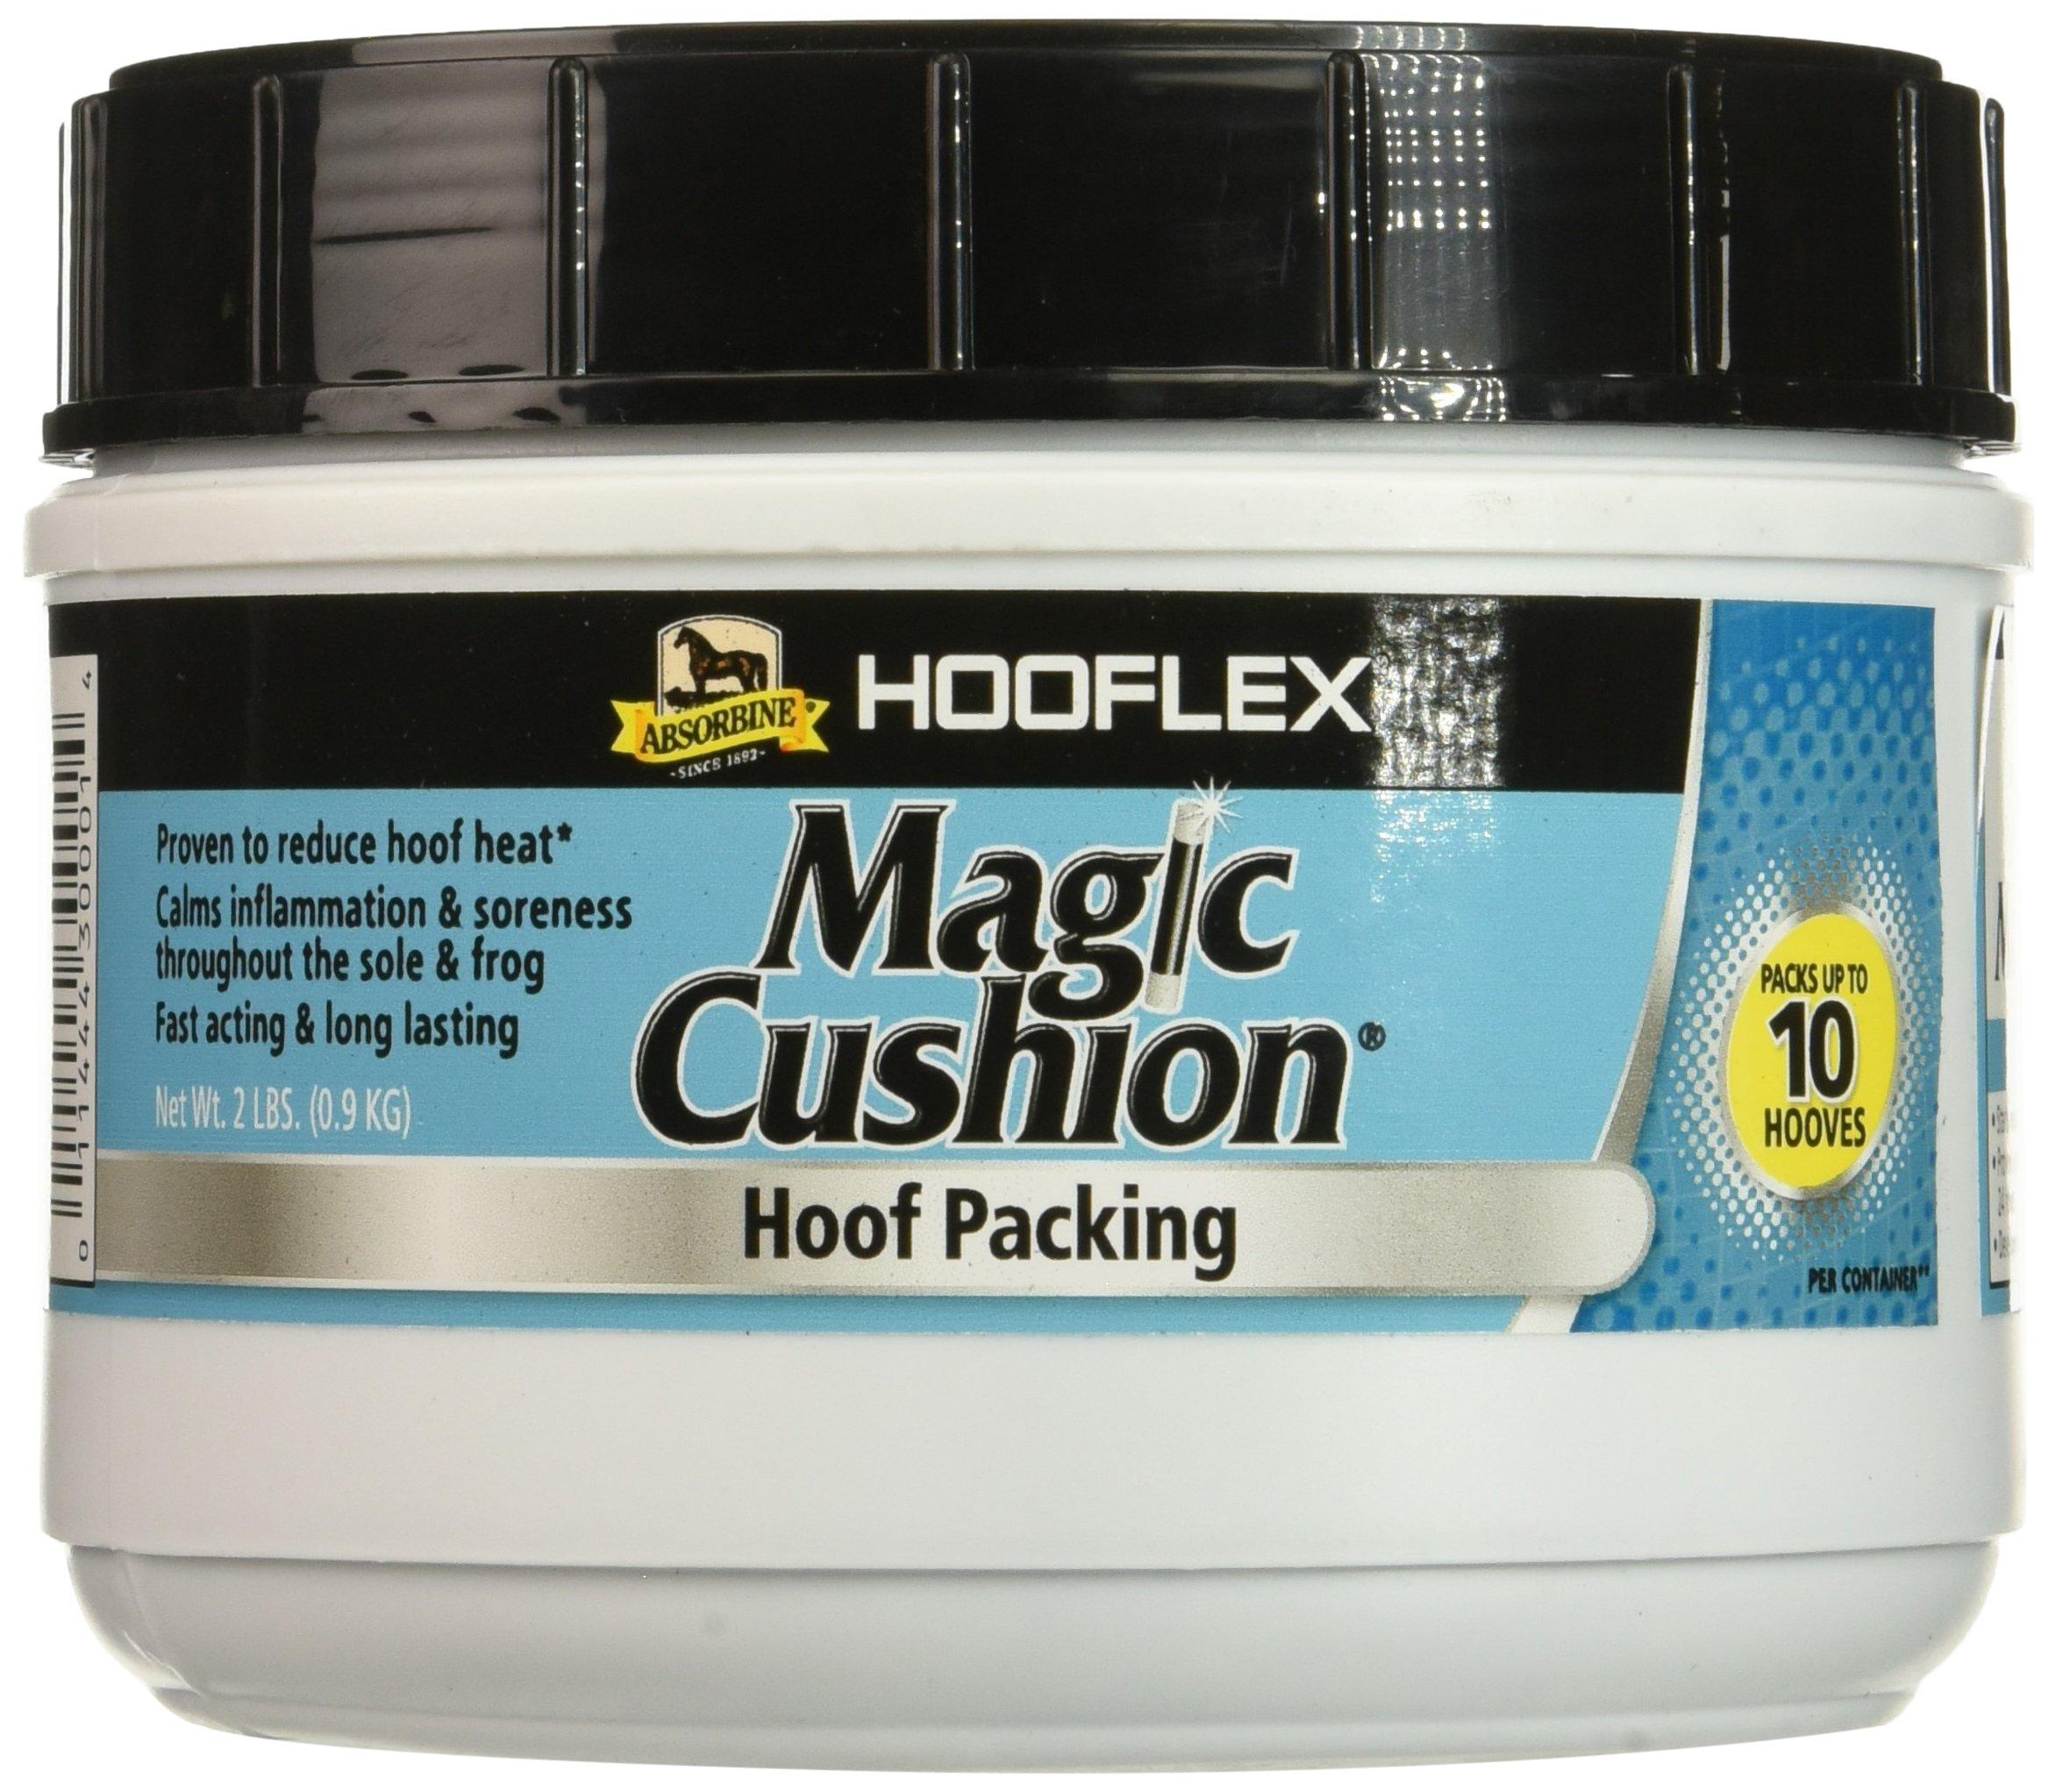 W F Young Hooflex Magic Cushion Hoof Packing